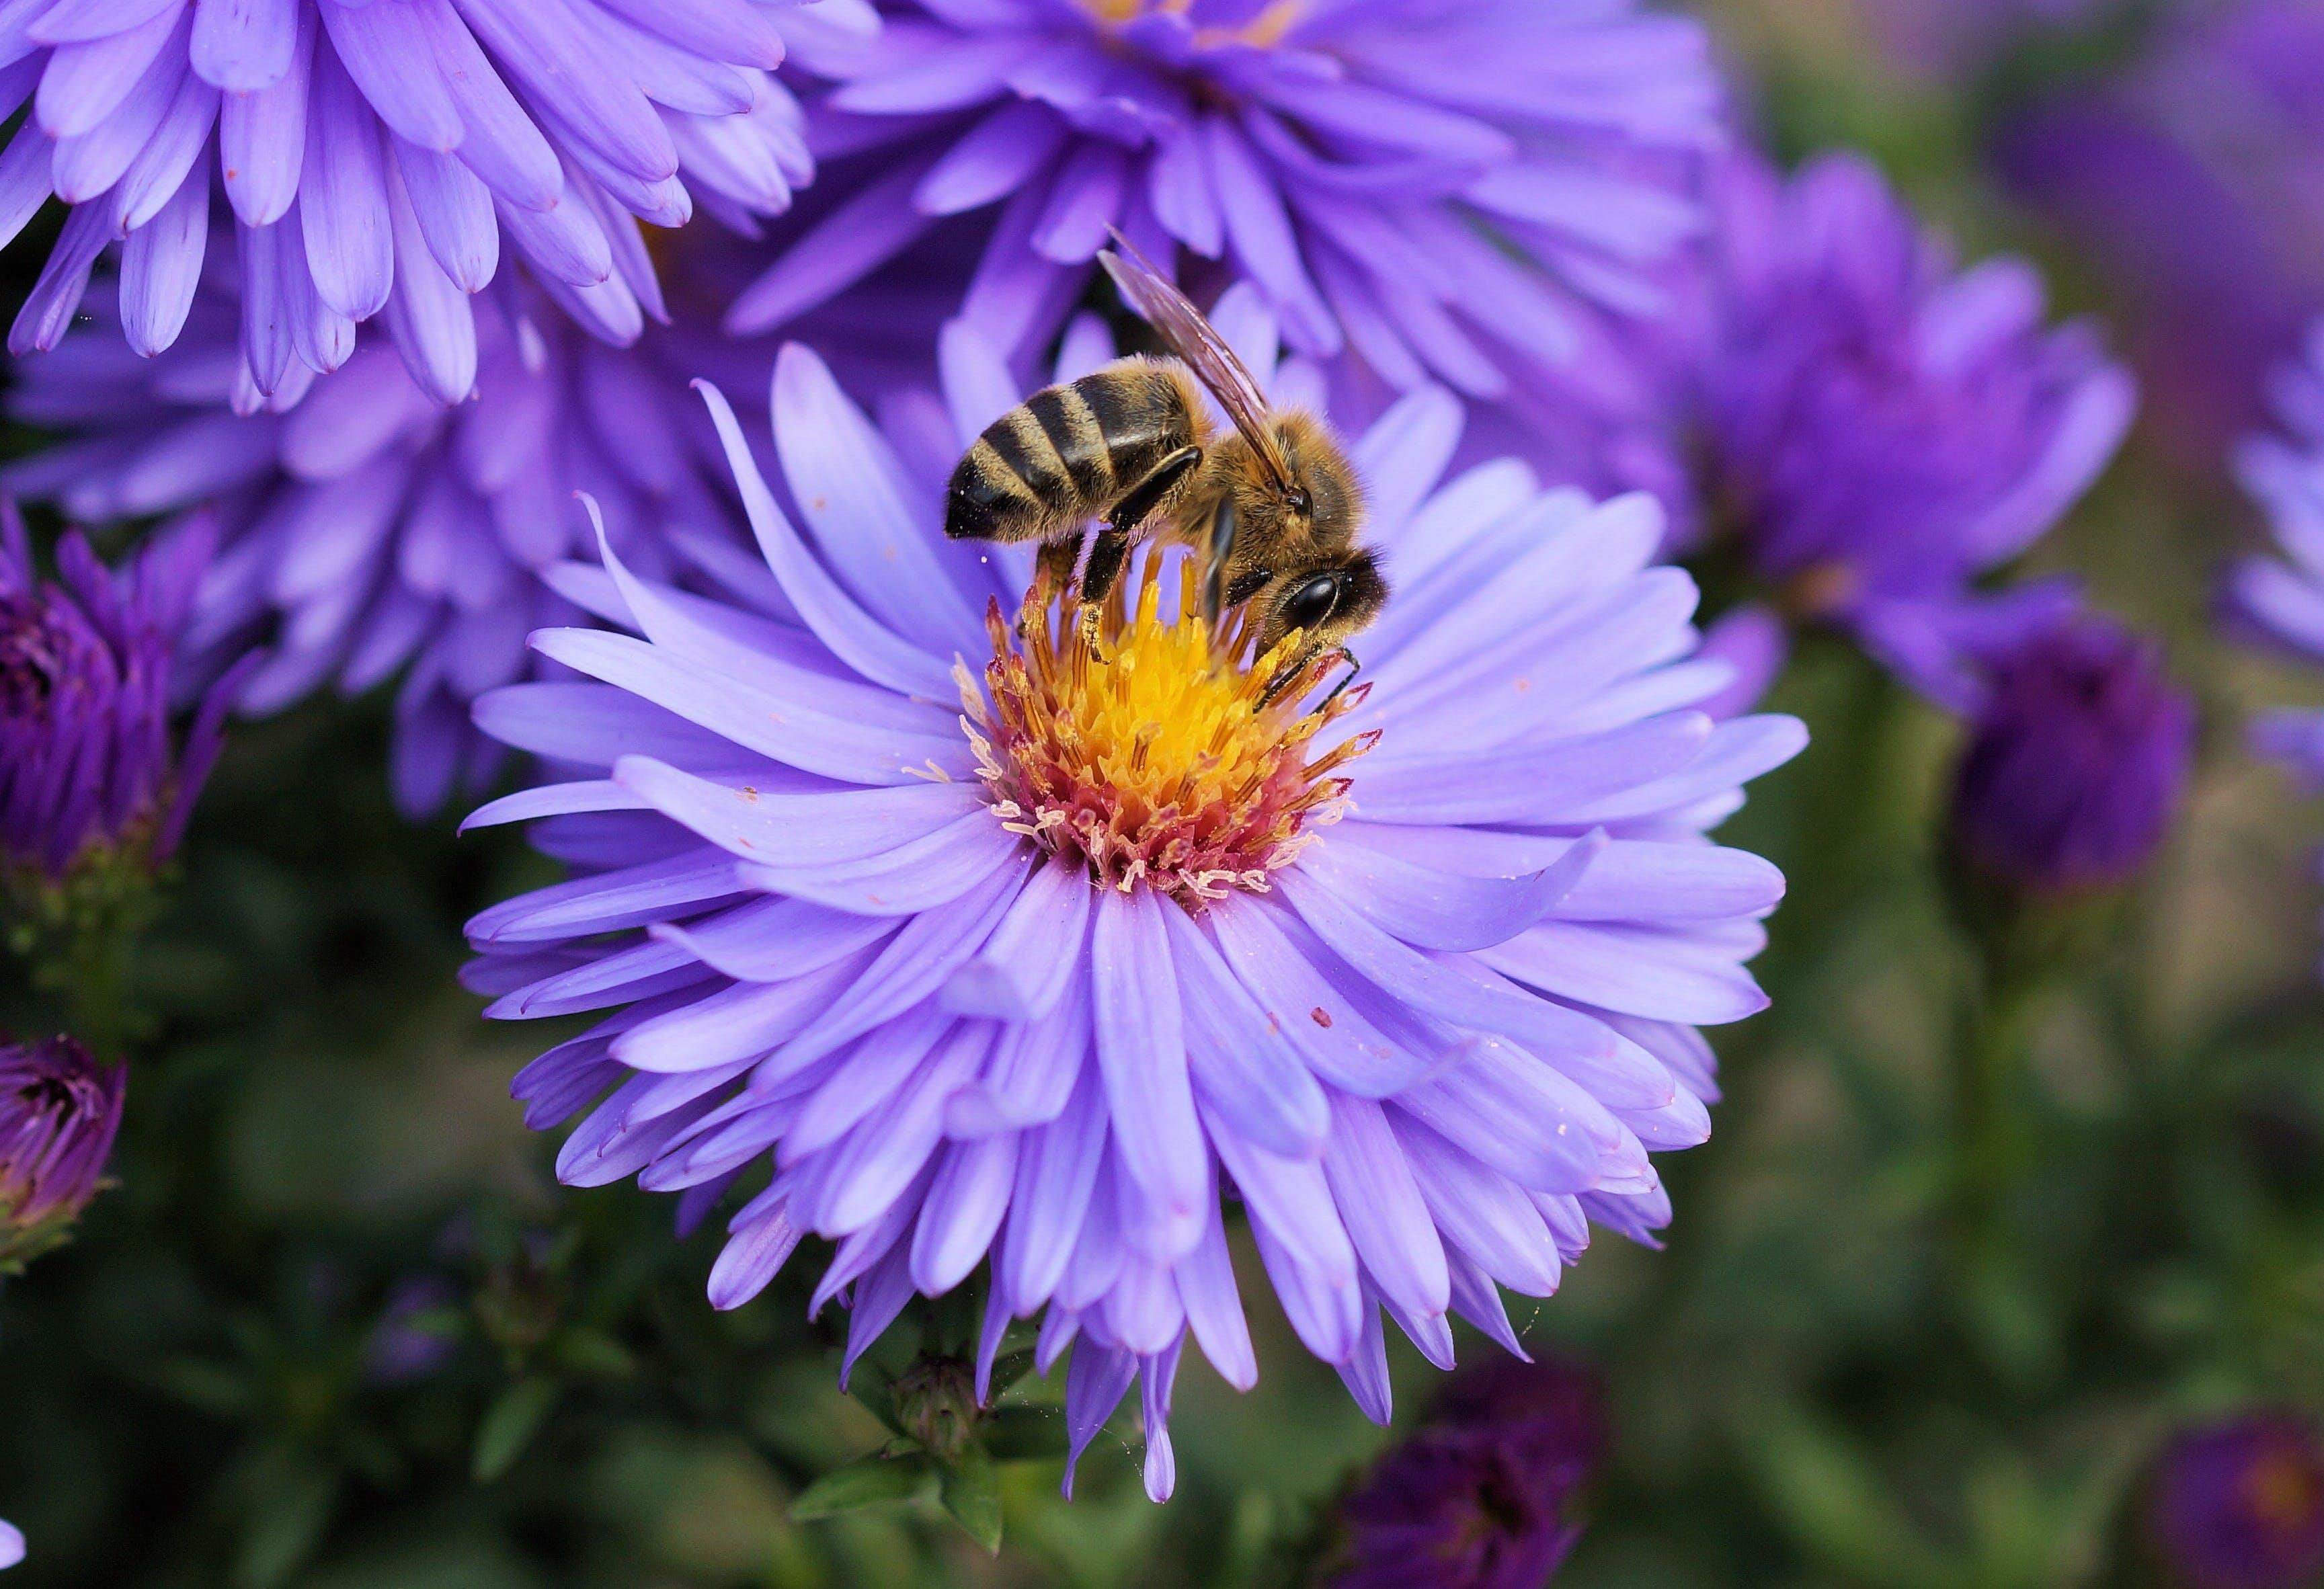 宏觀, 工厂, 授粉, 昆蟲 的 免费素材照片